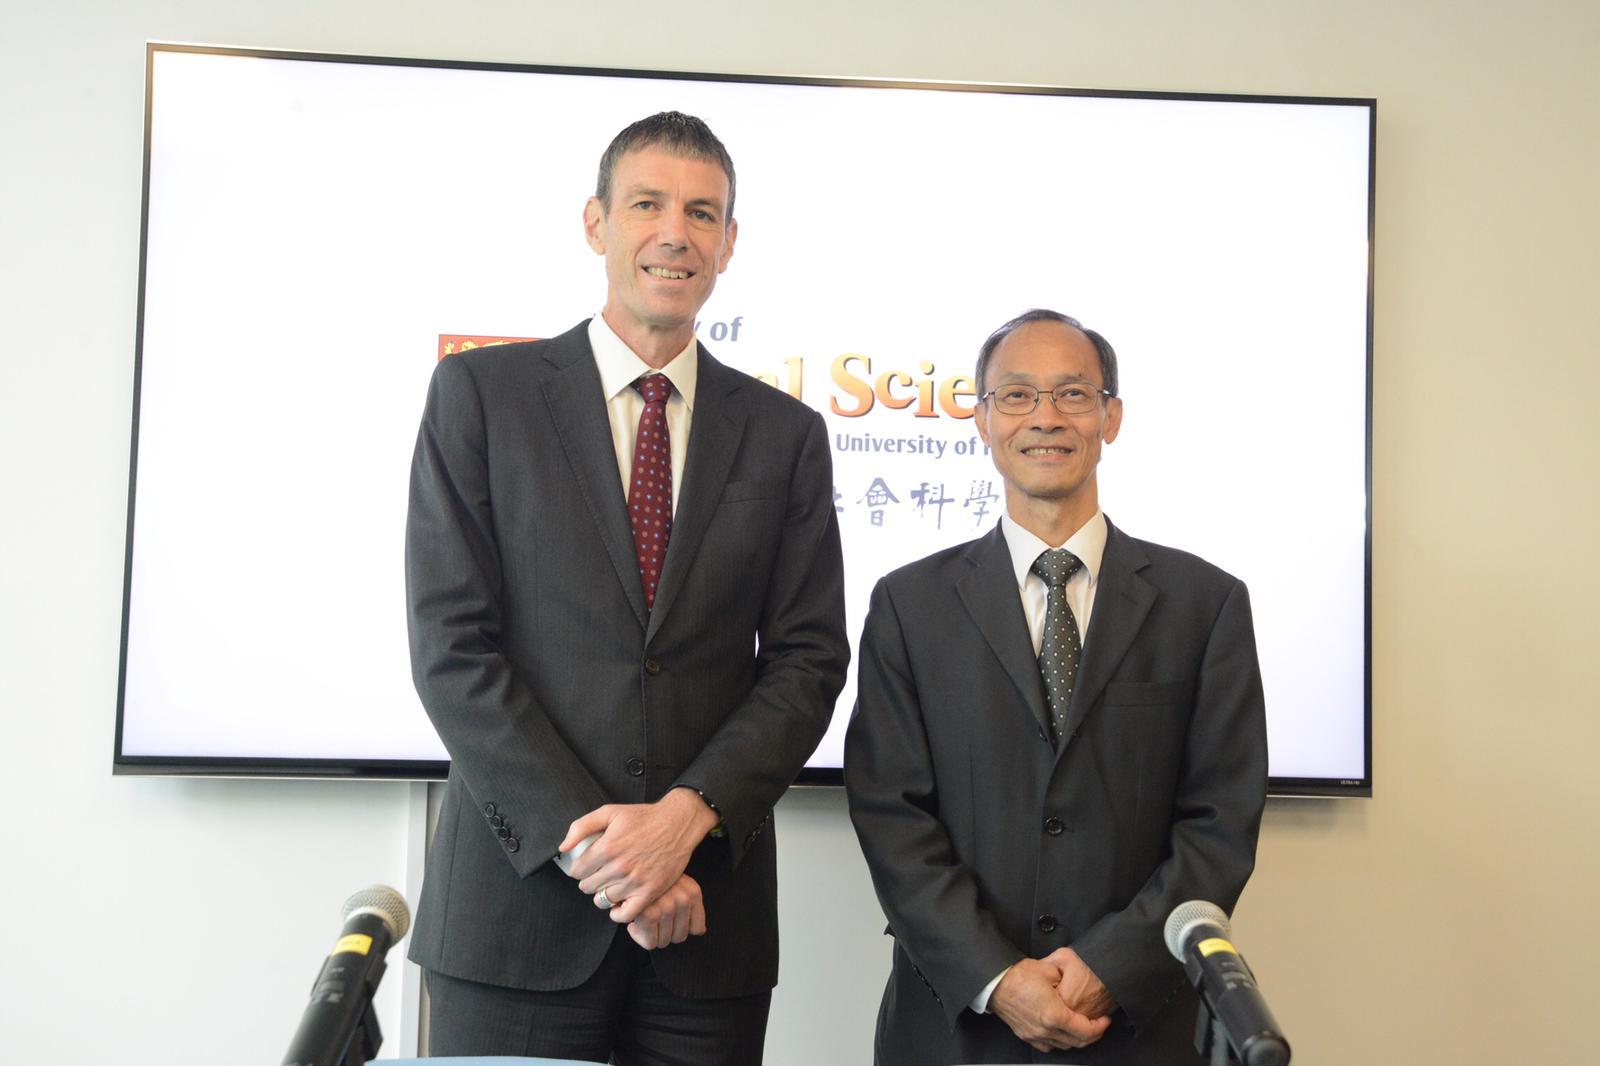 民研計劃總監鍾庭耀(右)會負責新成立的研究所工作。